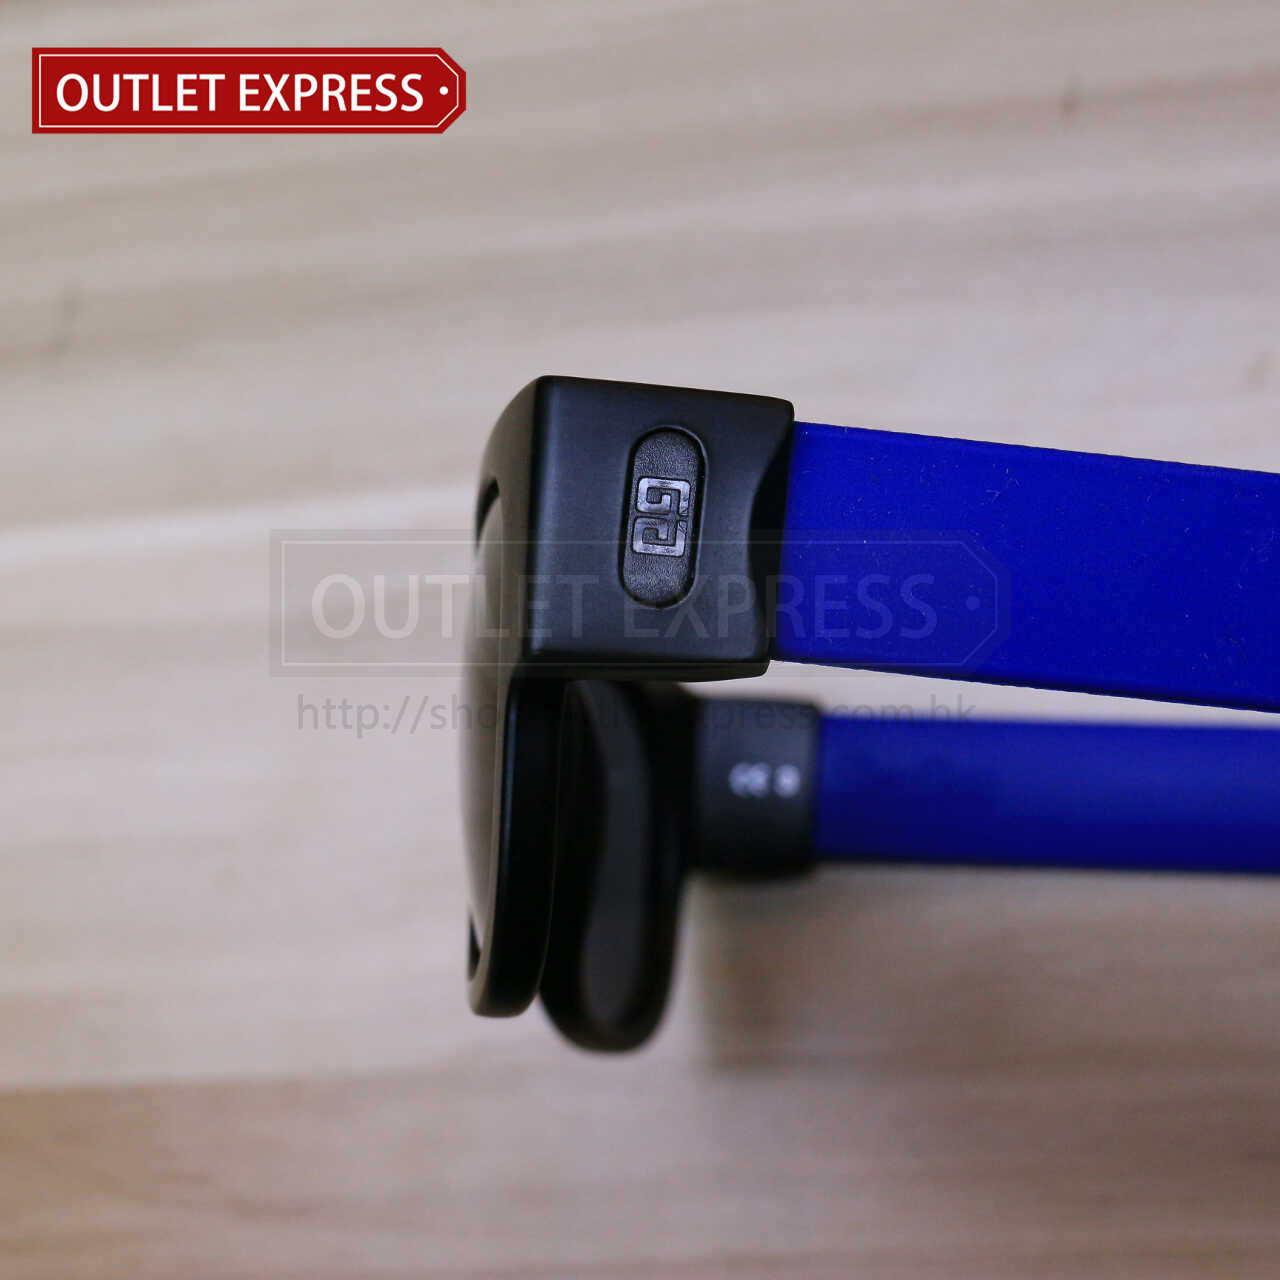 紐西蘭 SlapSee 變形偏光太陽眼鏡  - Outlet Express HK 生活百貨城實拍圖